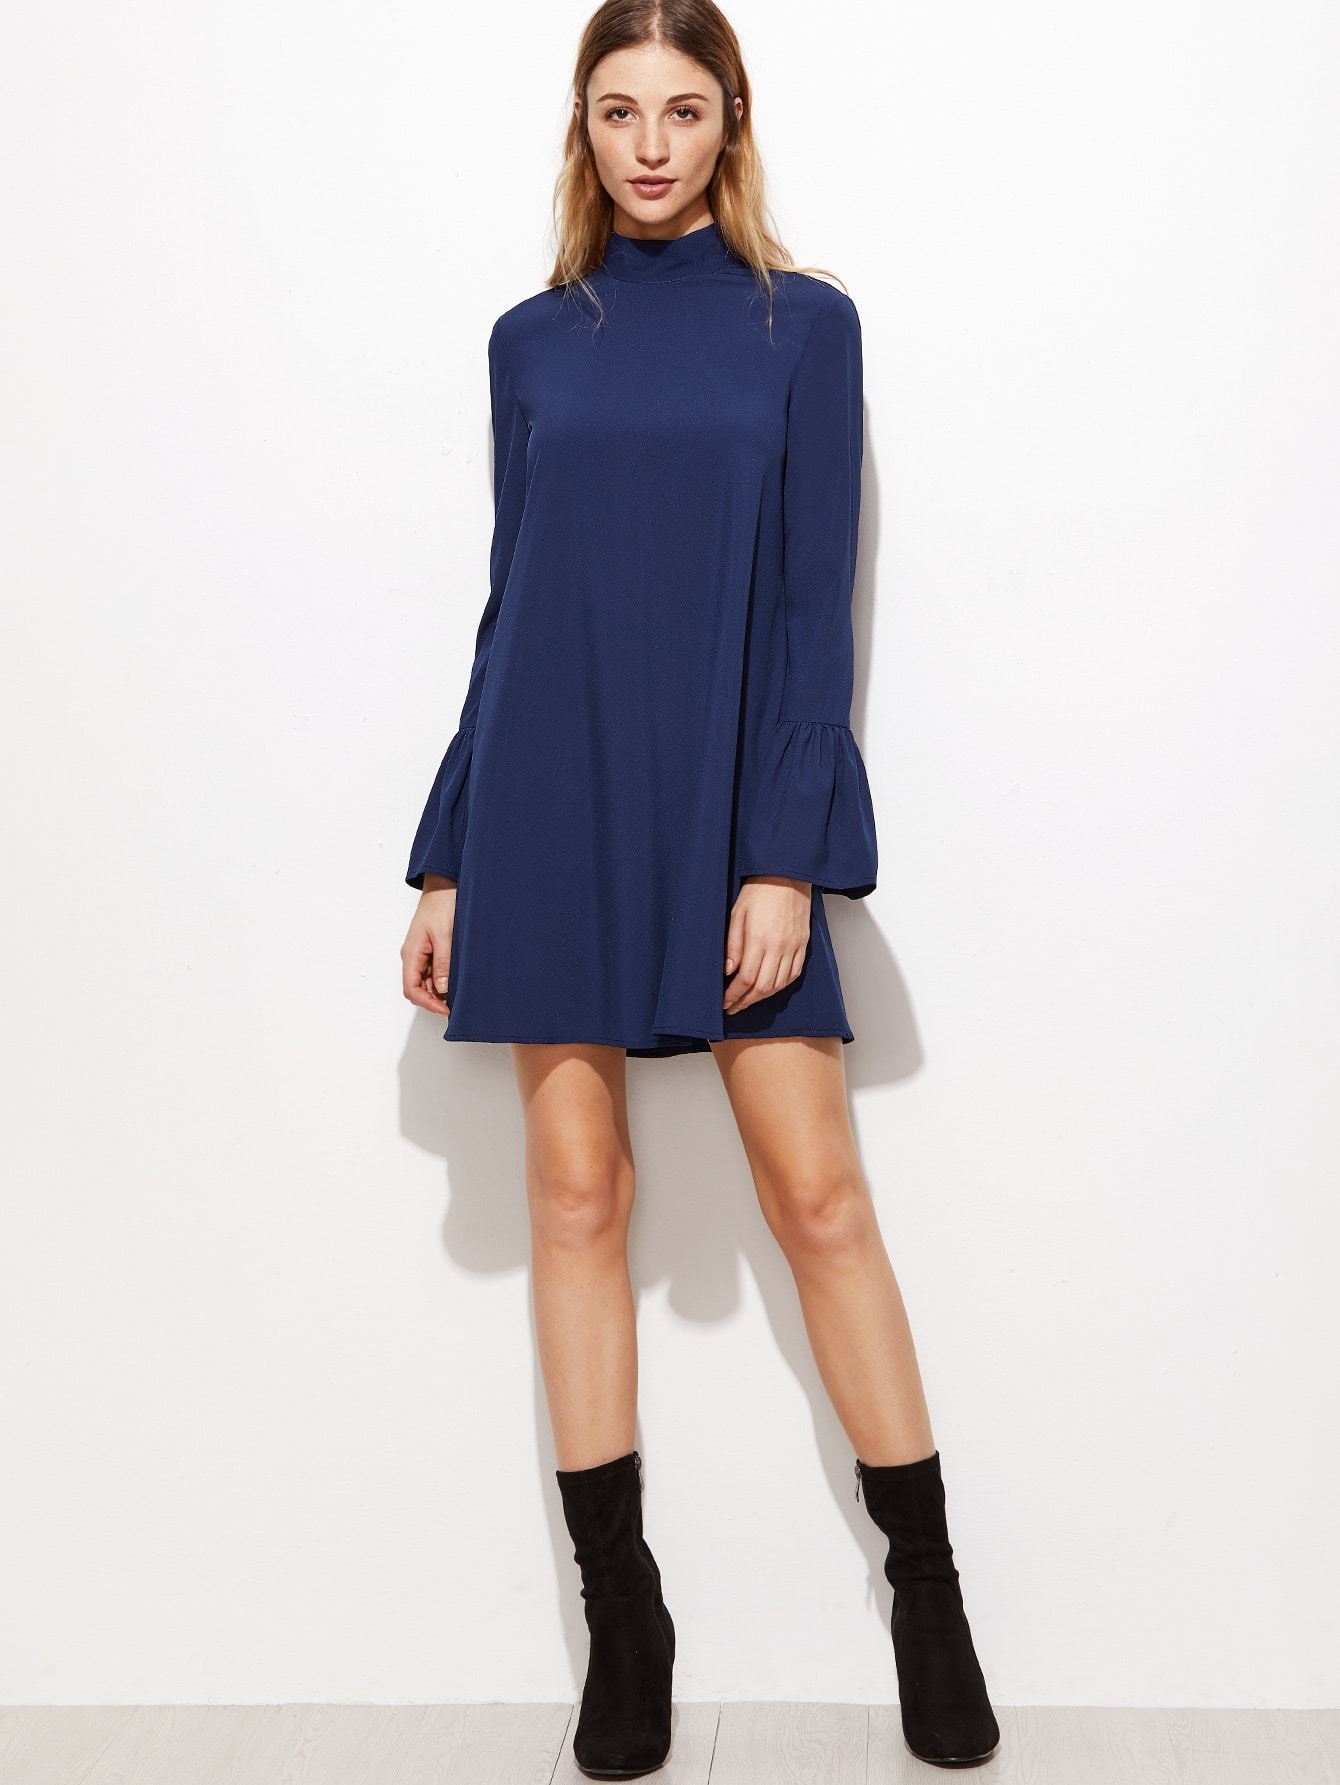 dress161026710_2